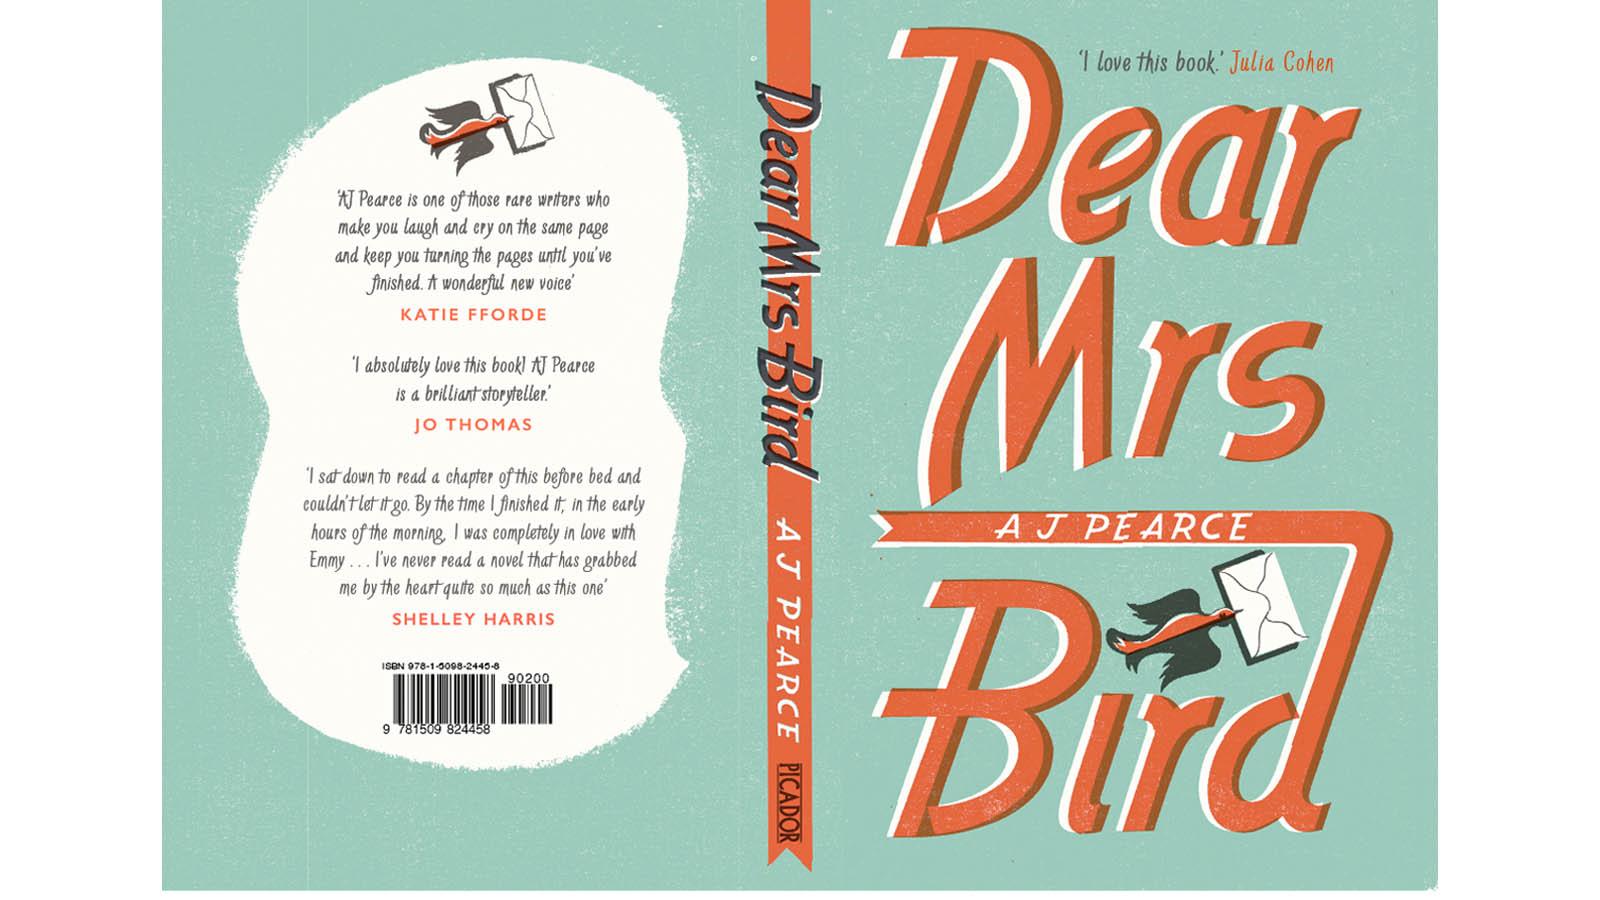 Dear-Mrs-Bird-book-design-cover-AJ-Pearce-Picador